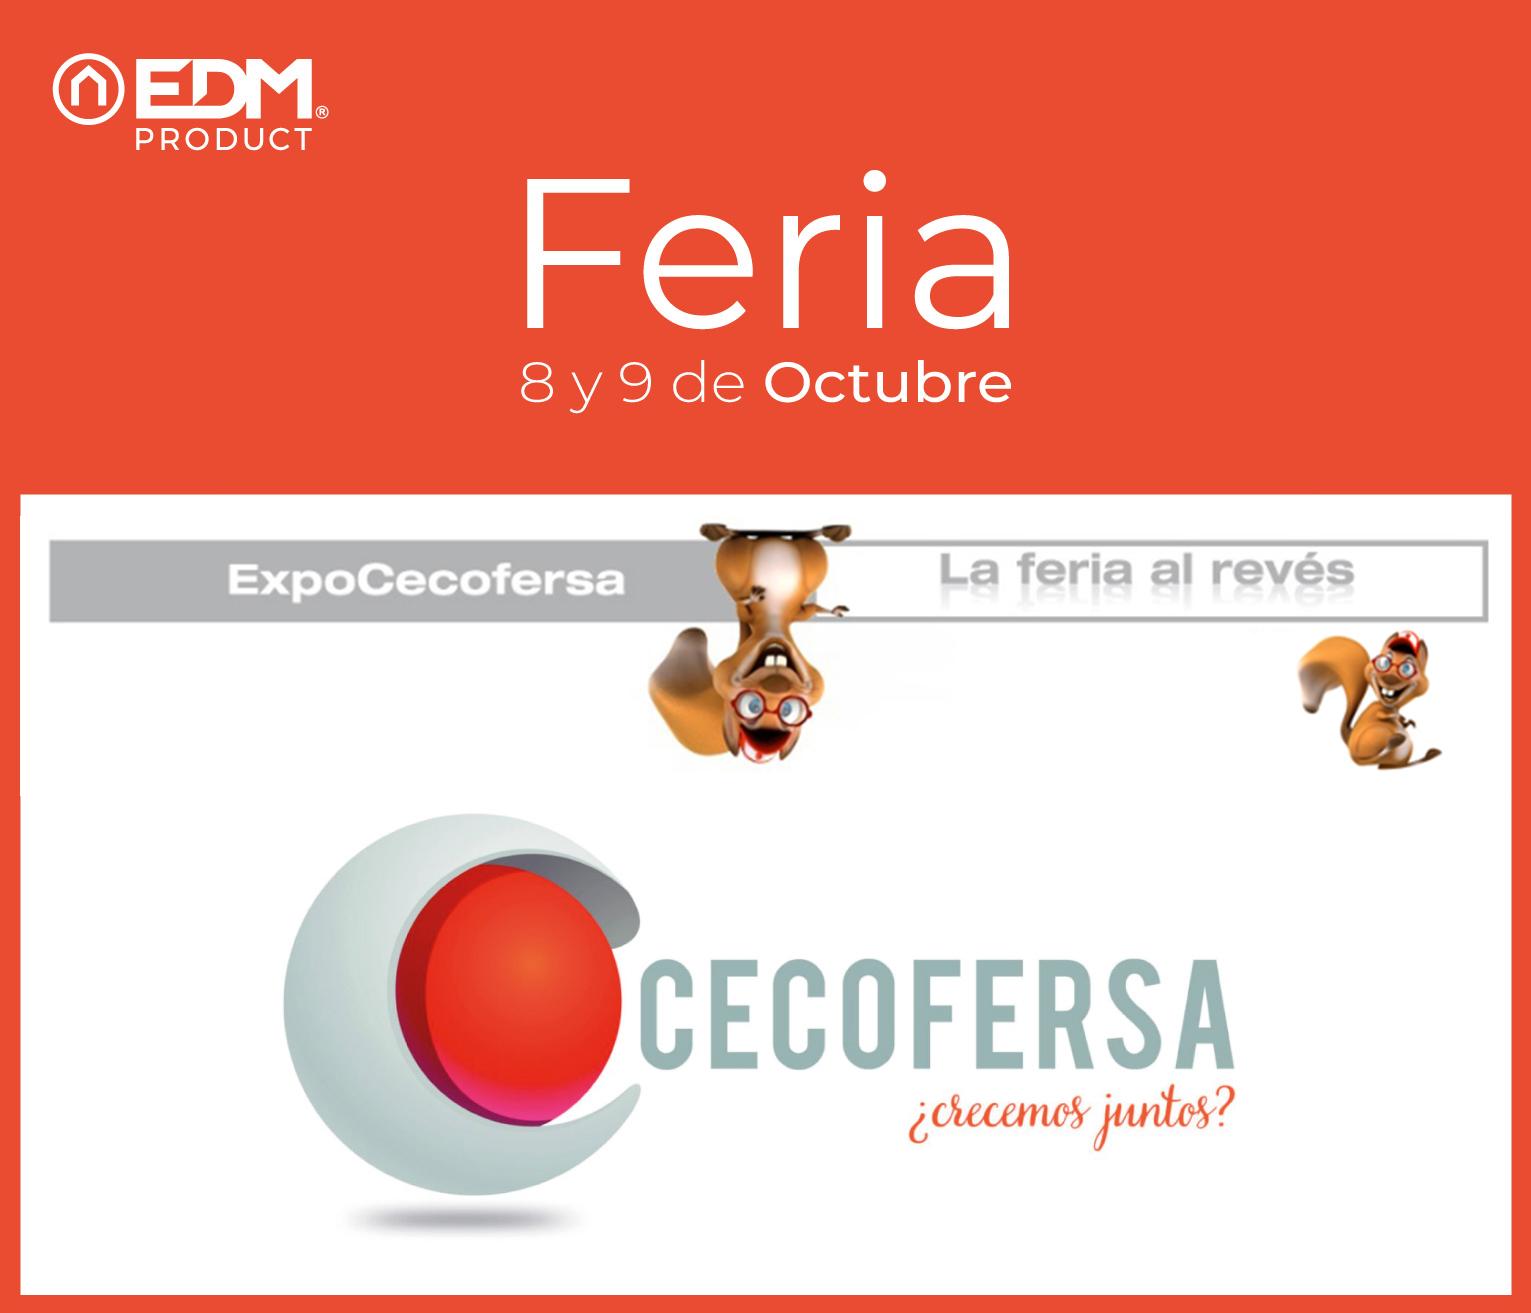 Feria CECOFERSA